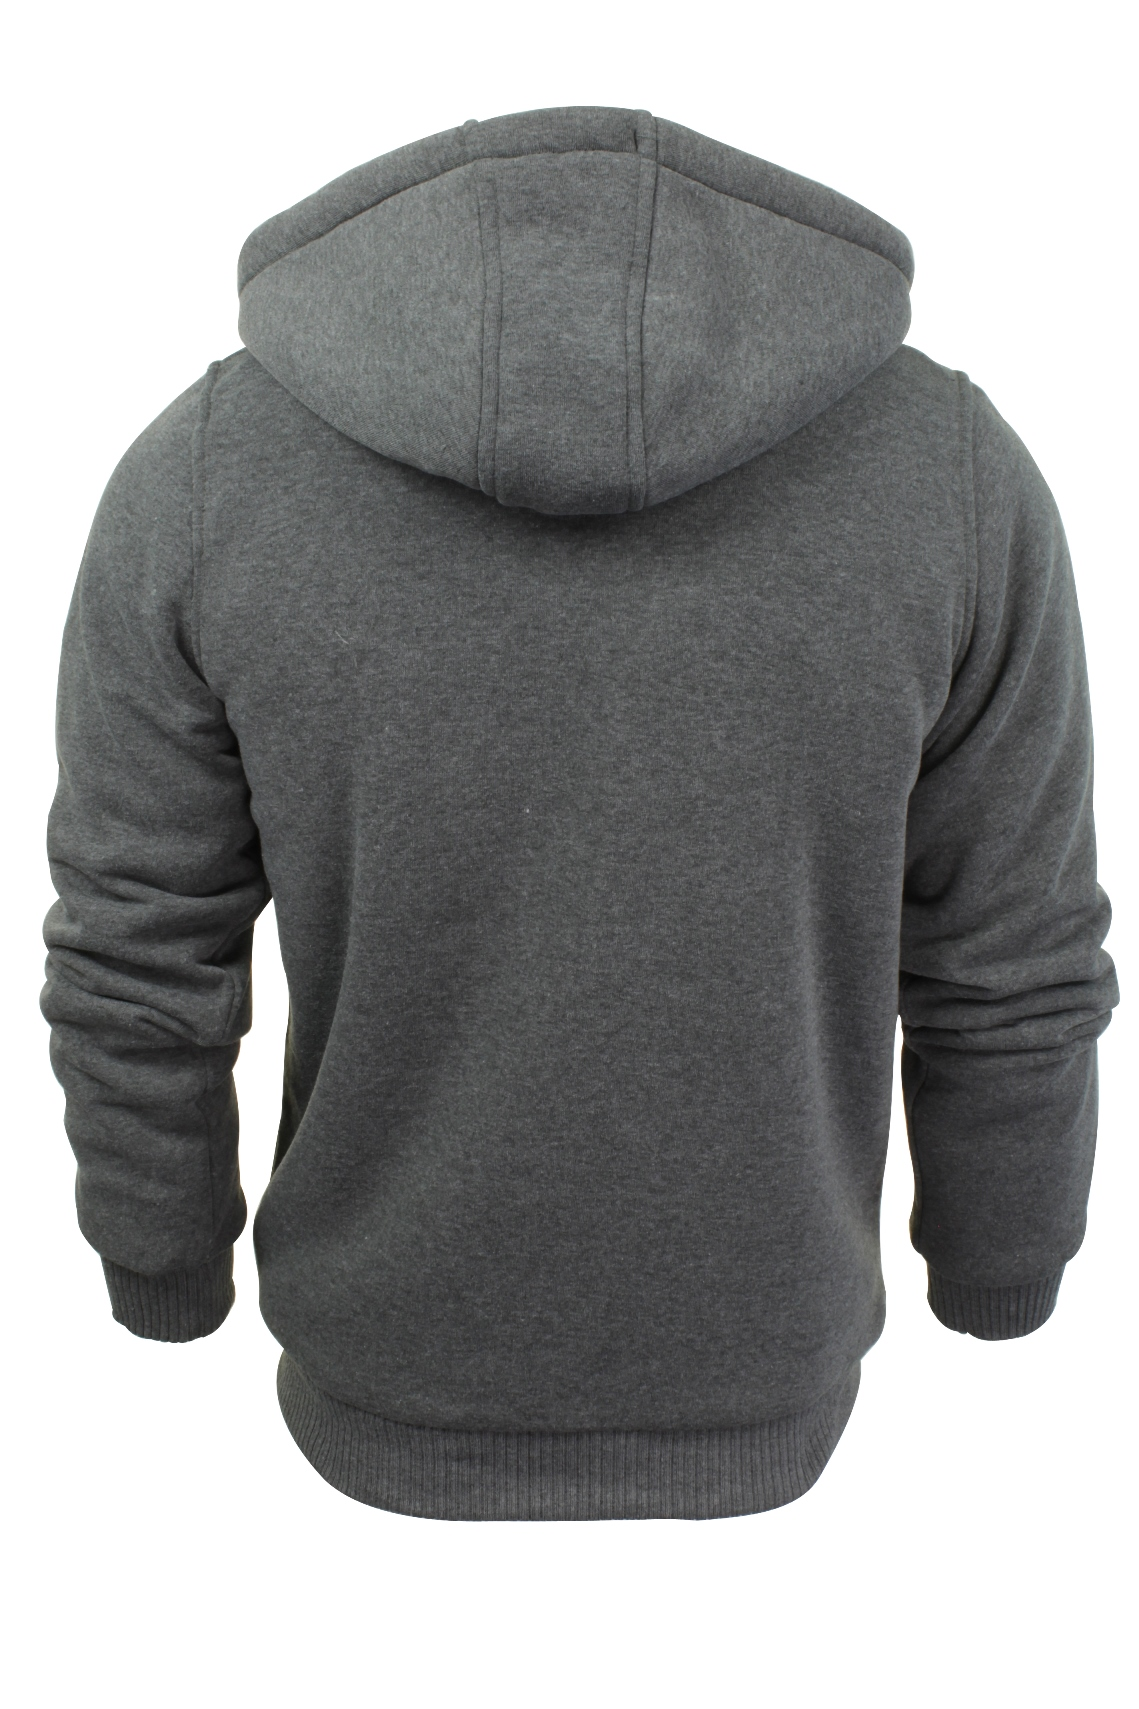 Brave-Soul-Mens-Hooded-Sweatshirt-Jumper-039-Zone-039-Hoodie-Sherpa-Lined thumbnail 21